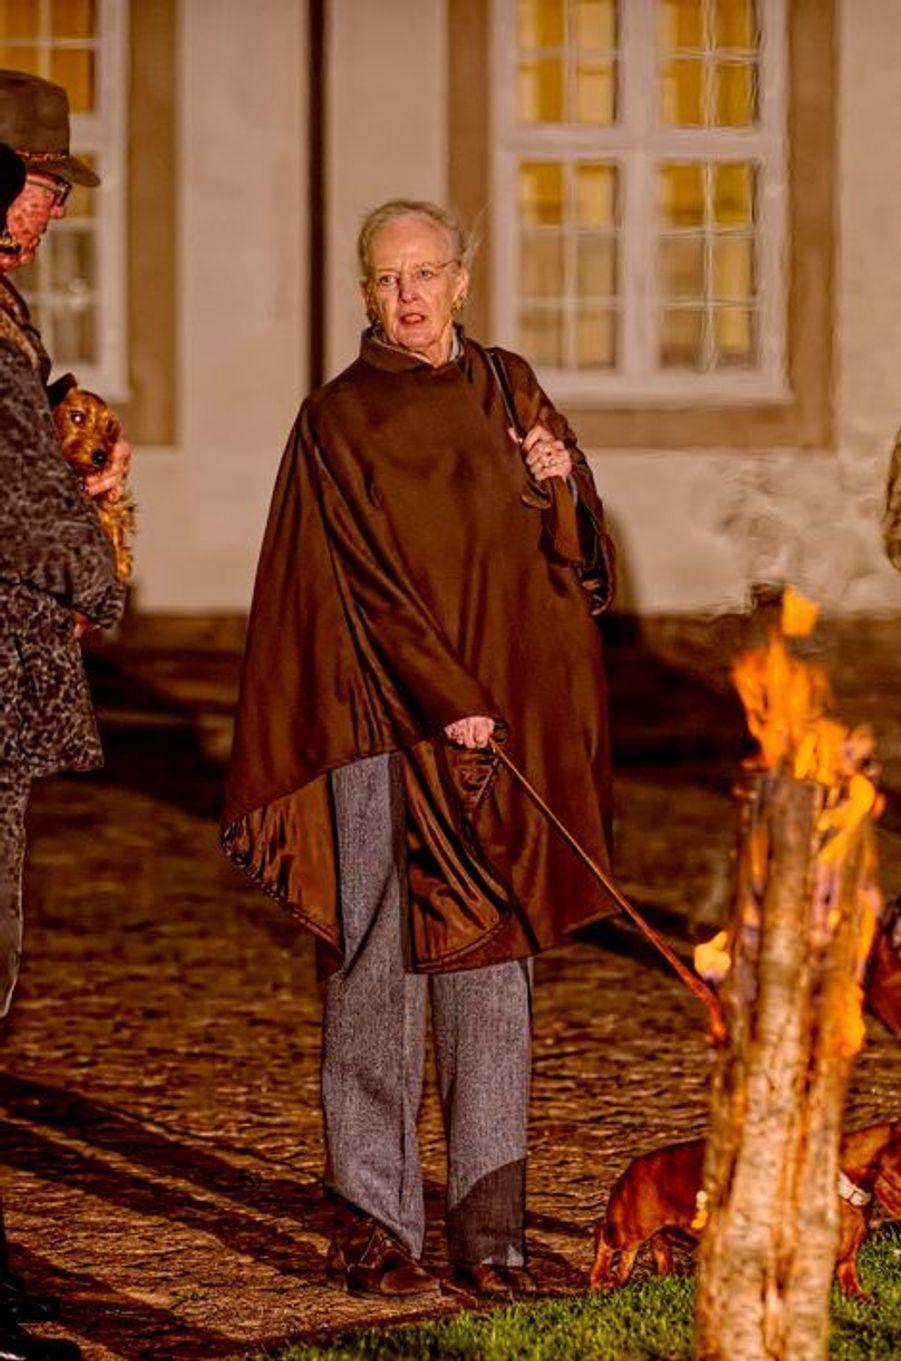 La reine Margrethe II de Danemark à la chasse au château de Fredensborg, le 27 novembre 2014